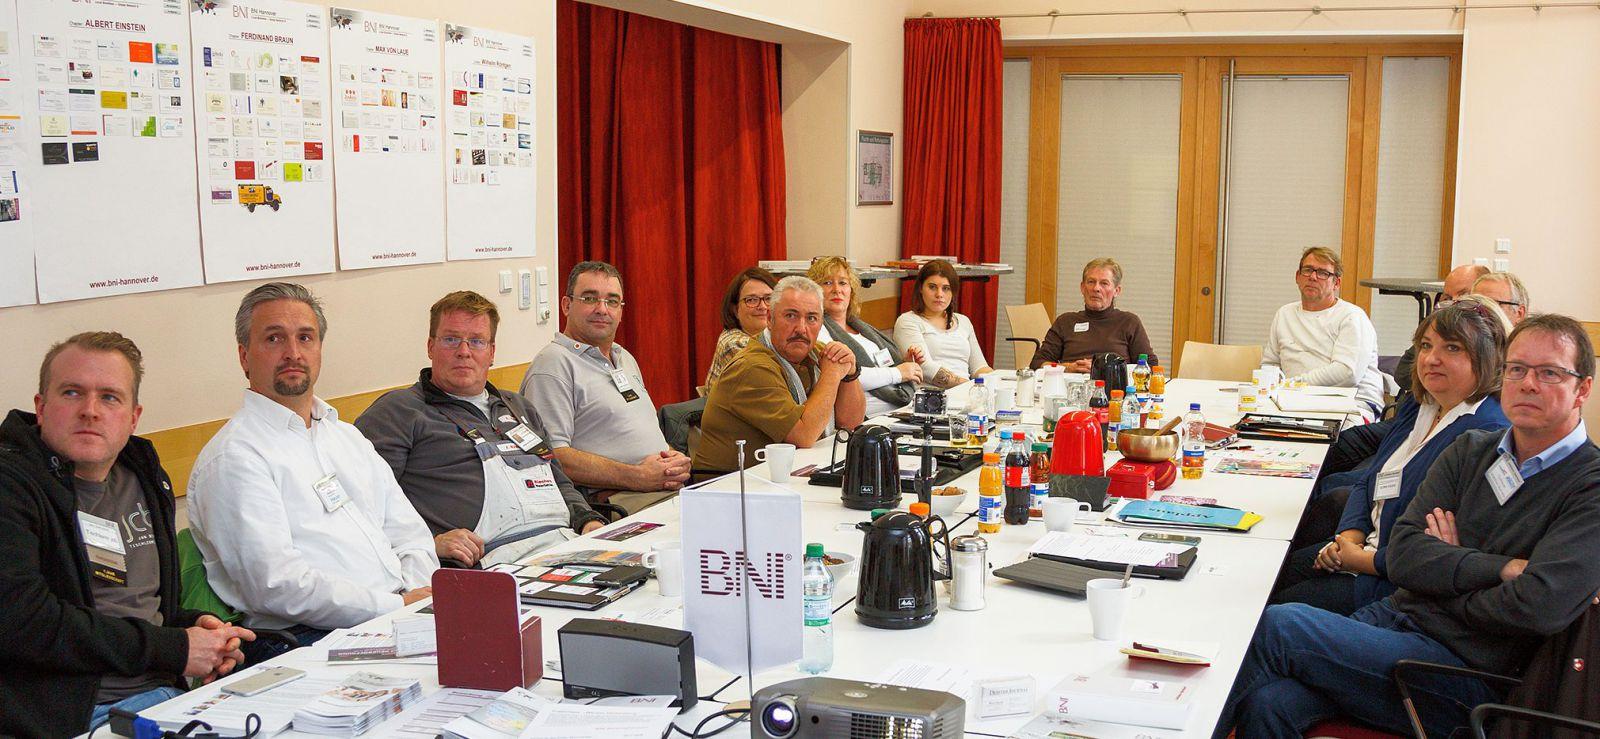 bni-barsinghausen-tischrunde